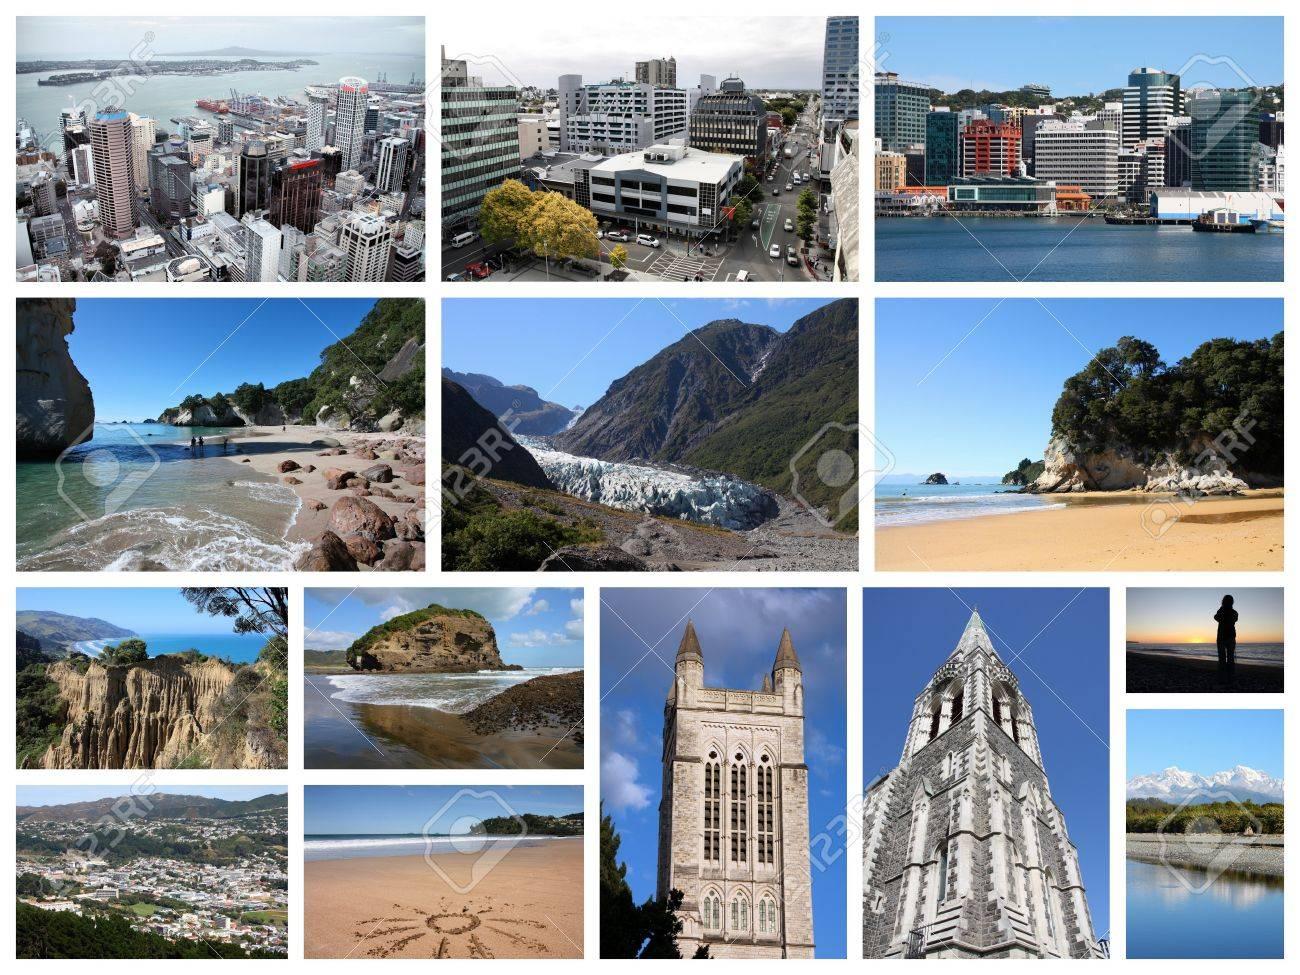 Neuseeland Sehenswurdigkeiten Reise Fotocollage Mit Auckland Wellington Christchurch Strande Und Berge Lizenzfreie Fotos Bilder Und Stock Fotografie Image 44175781